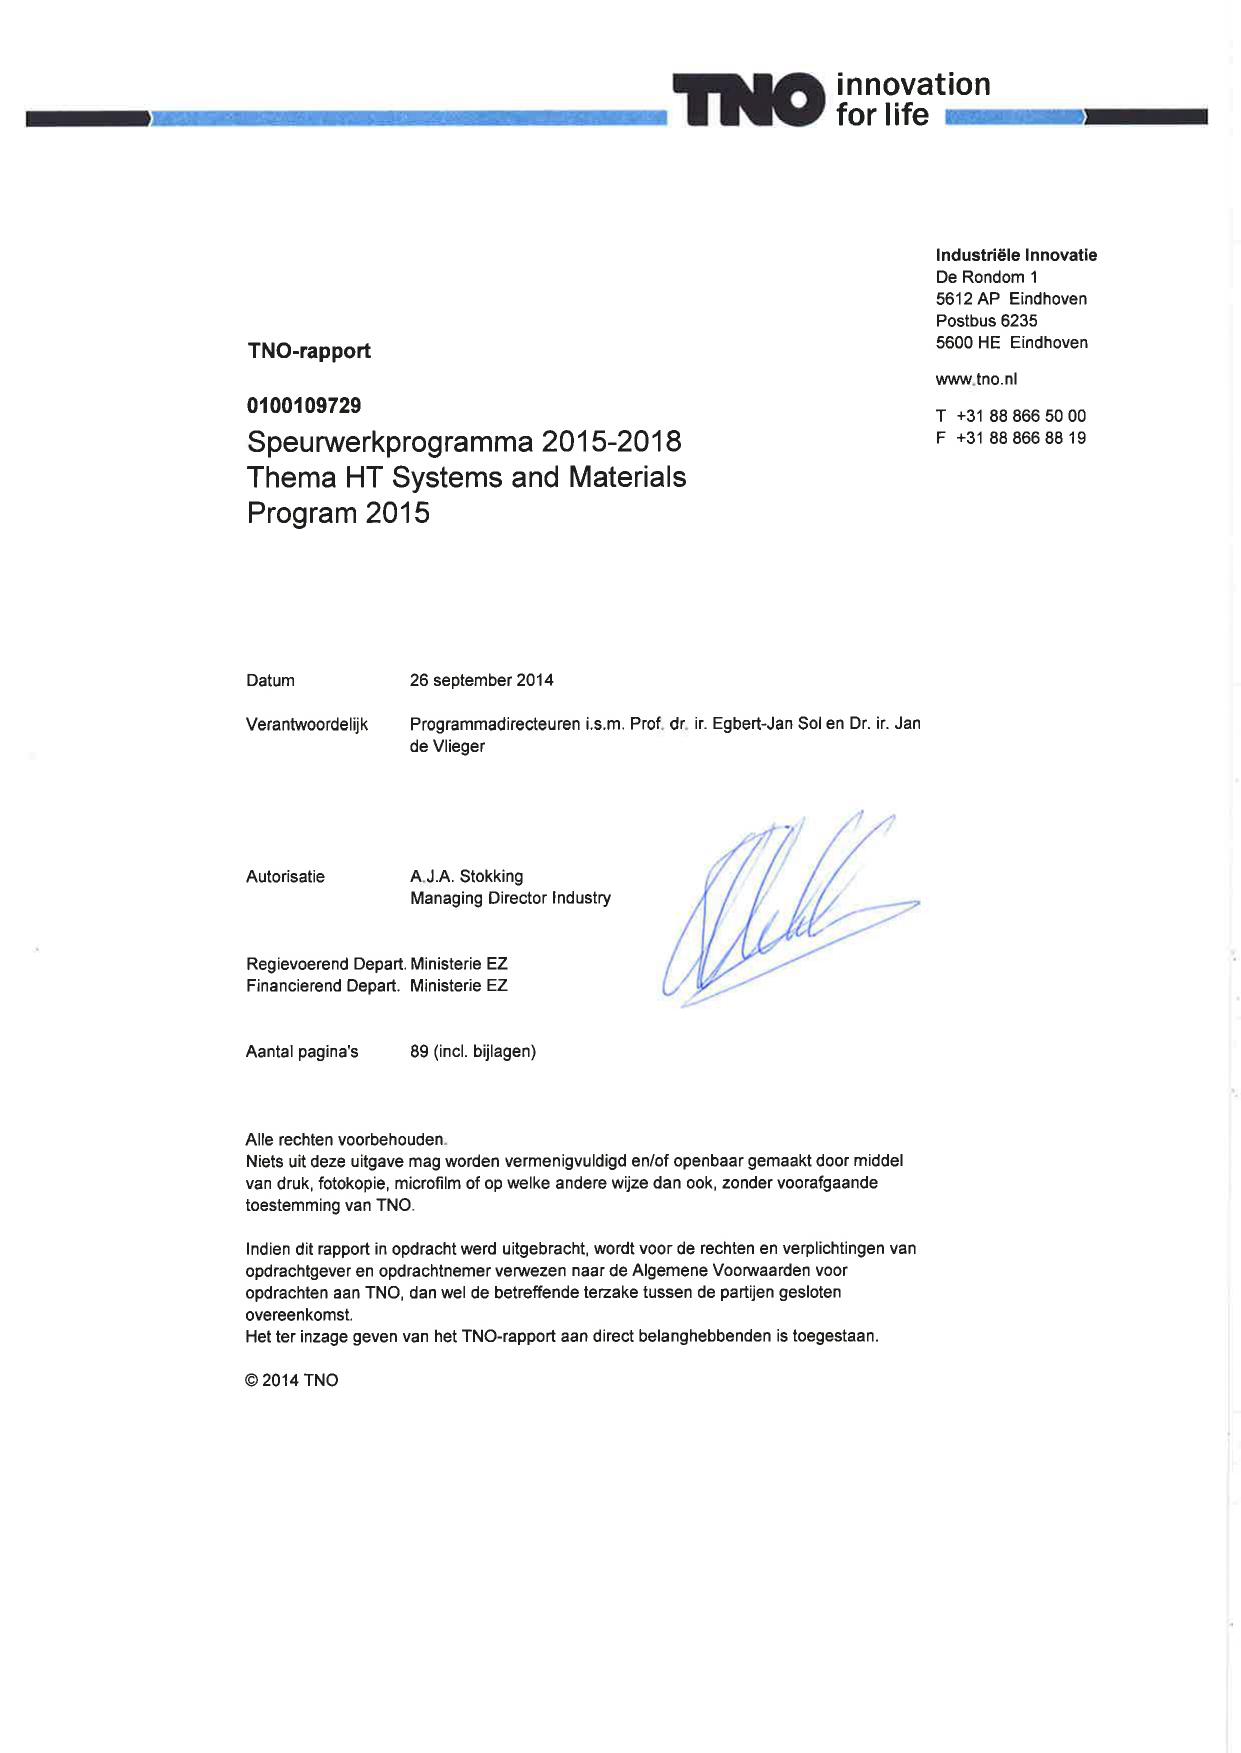 tno rapport 0100109729 manualzz comOpdrachten Interim Management.htm #7